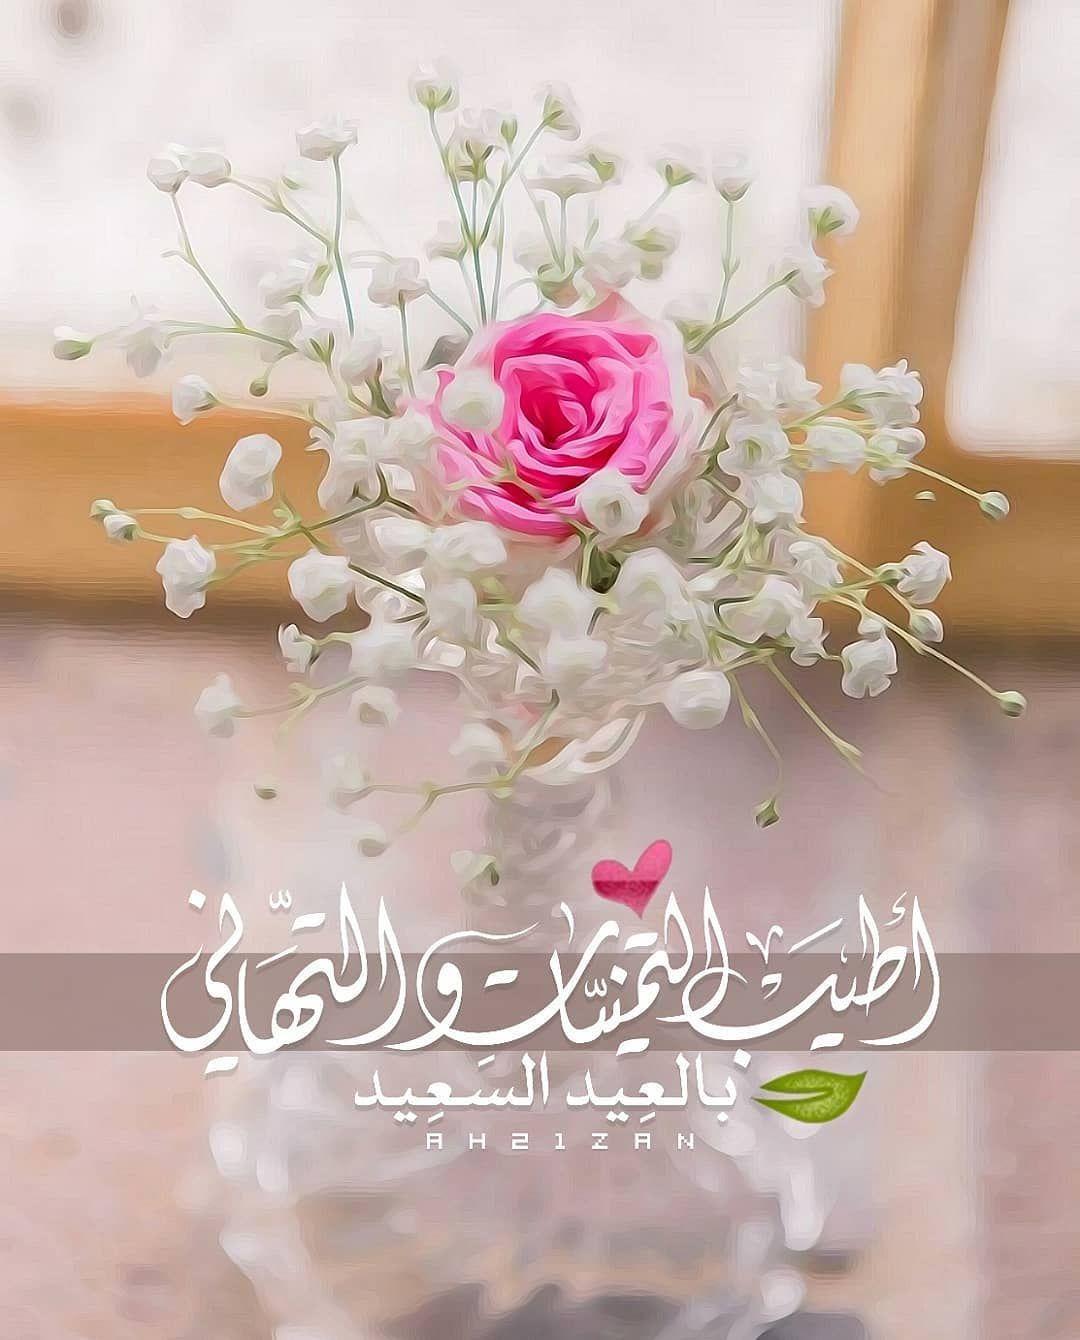 اذ ڪر و ا ال ل هـ On Instagram عيد الفطر كل عام وانتم بخير عيدكم مبارك عيد Eid Mubarak Card Islamic Events Happy New Year Pictures